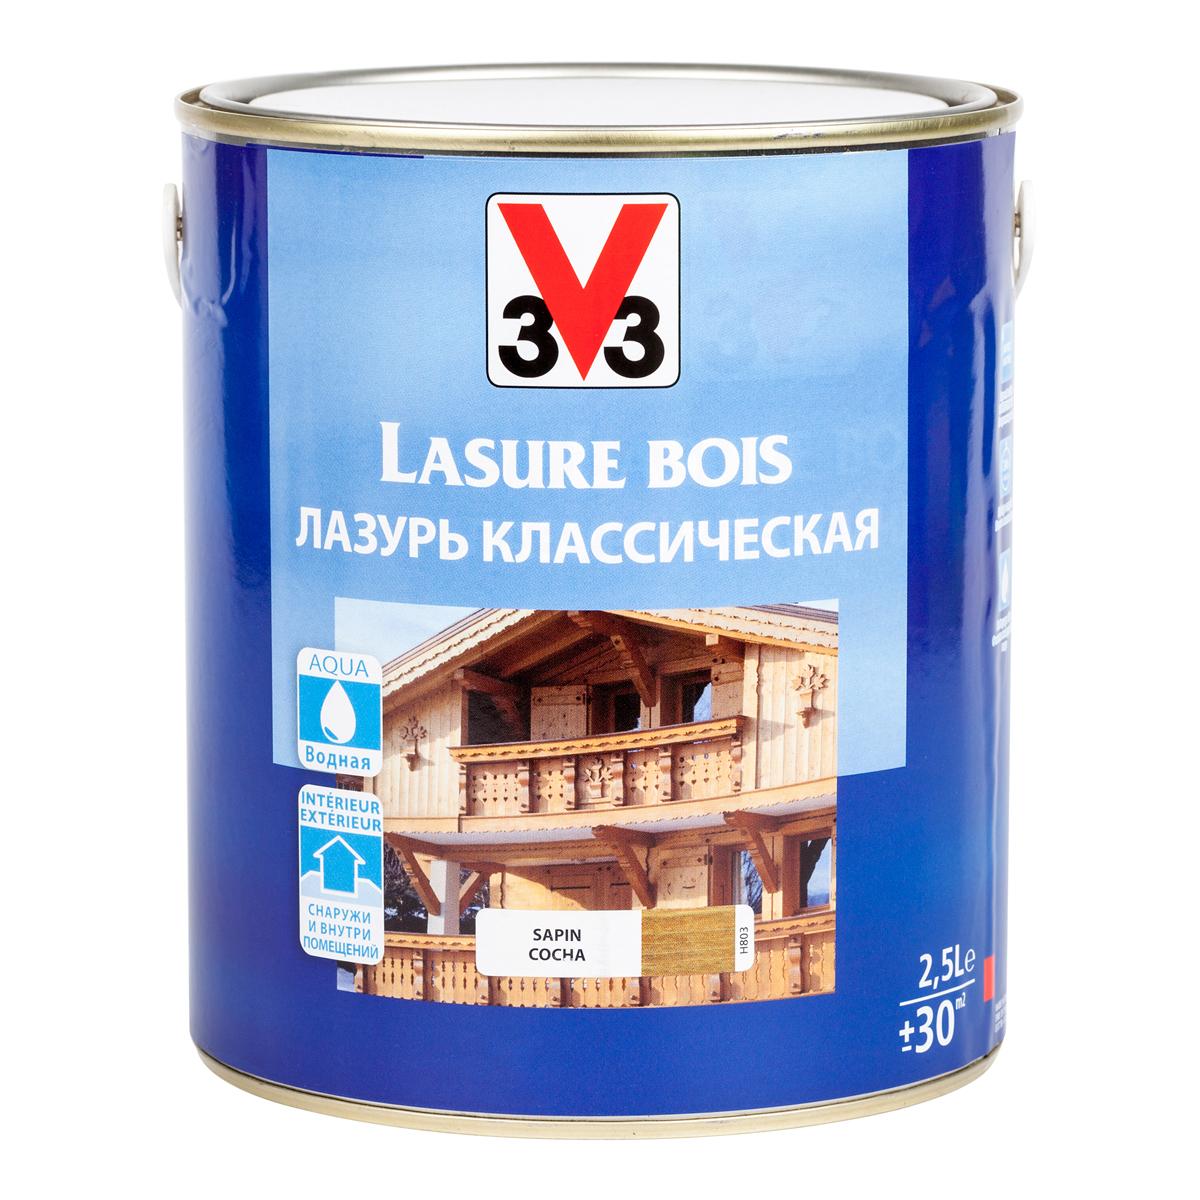 """Лазурь для защиты древесины V33 """"Классическая"""", цвет: сосна, на водной основе, 2,5 л 51796"""